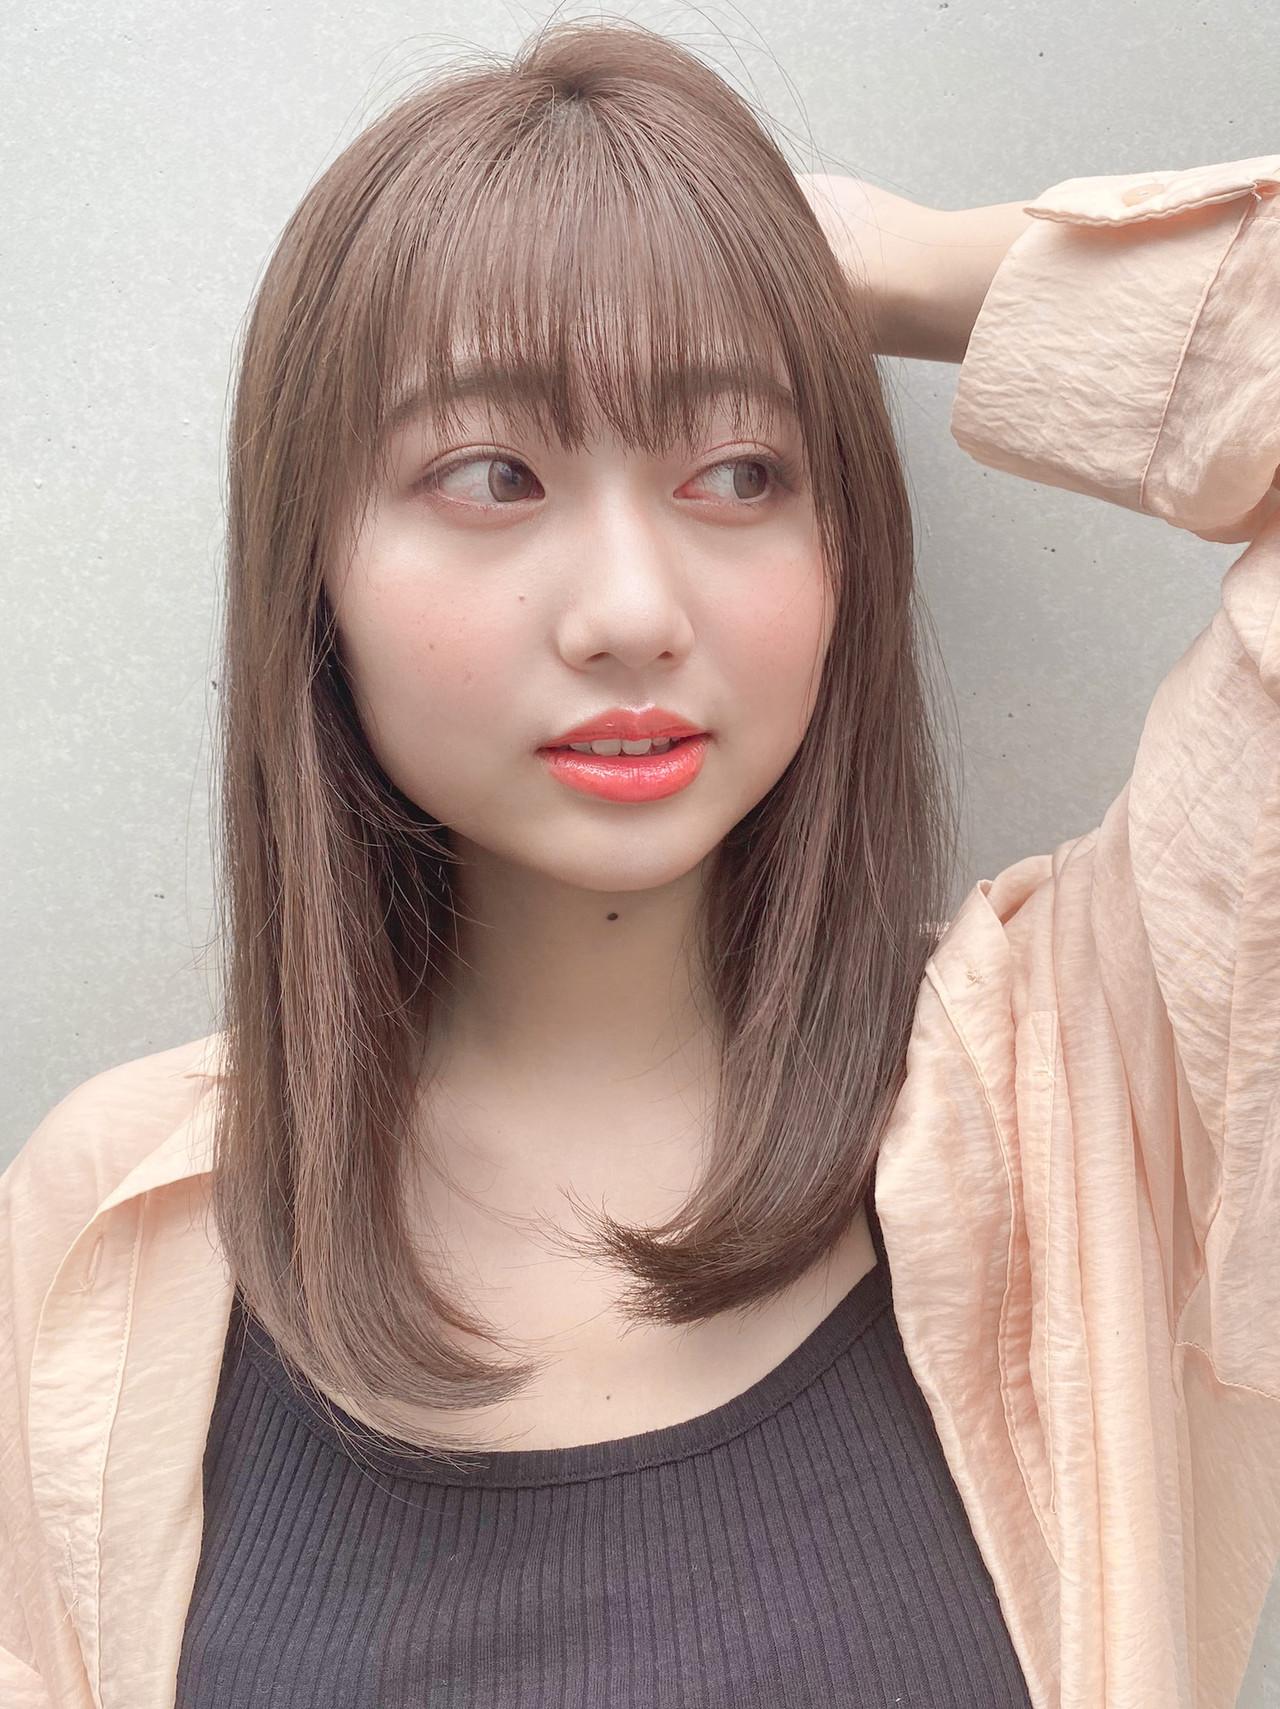 インナーカラー 縮毛矯正 セミロング ストレート ヘアスタイルや髪型の写真・画像